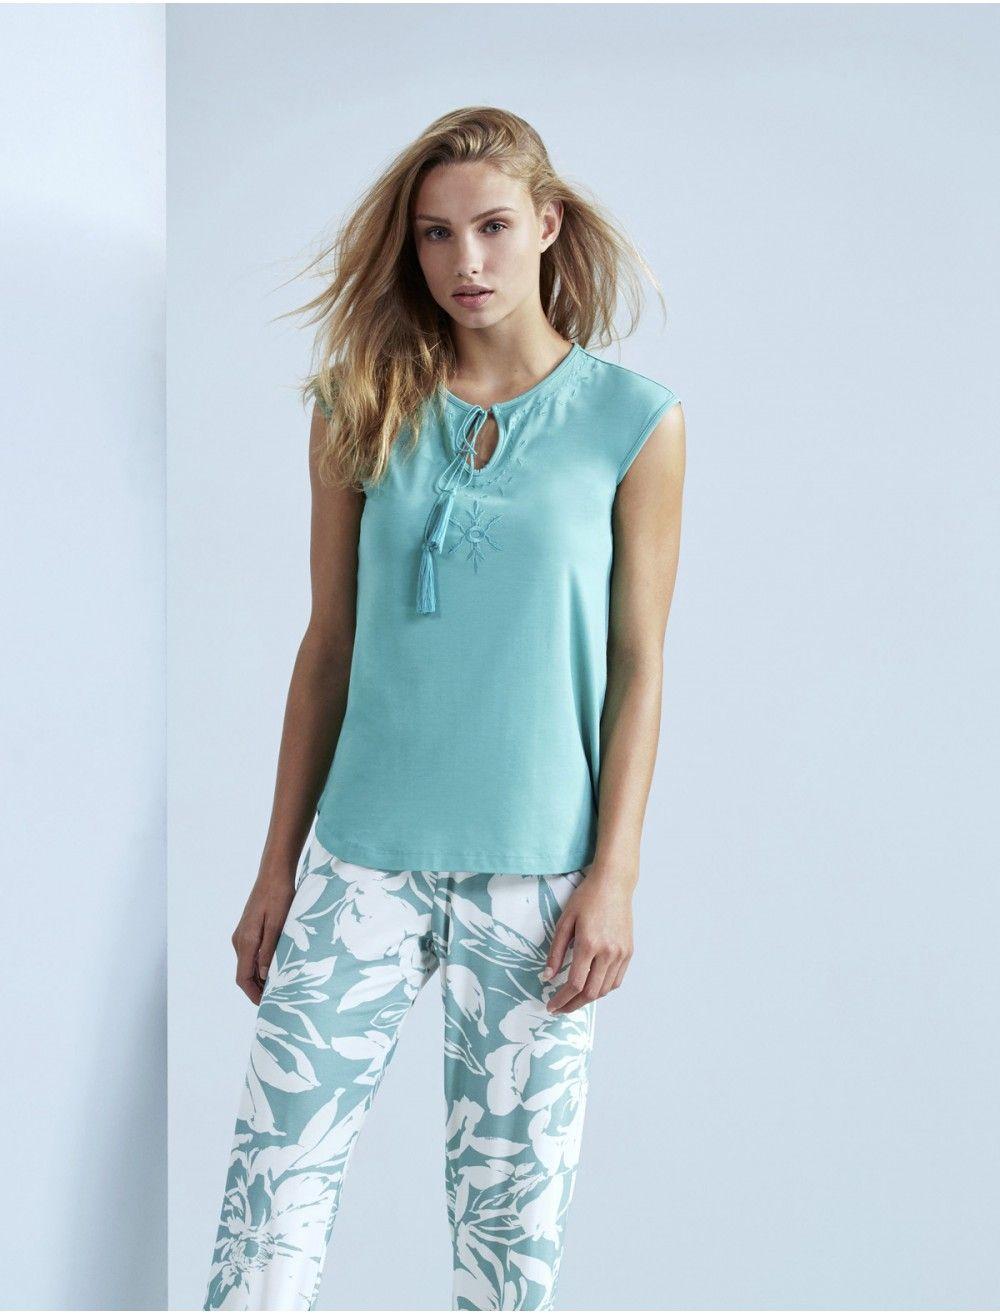 Yazlık pijama modelleri 2019